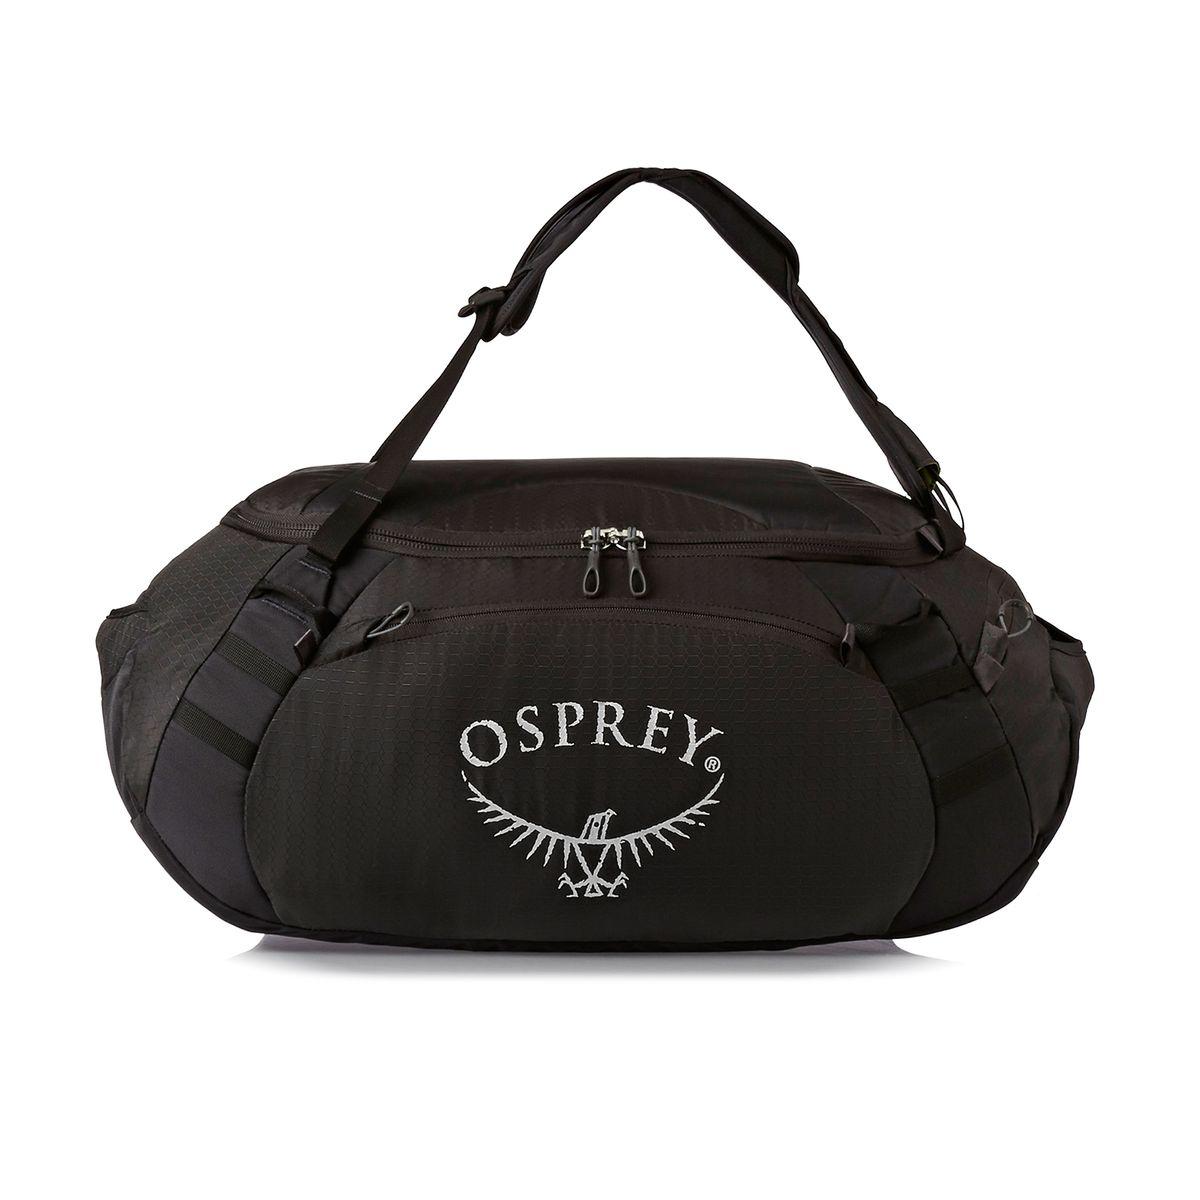 Sac de voyage Osprey Transporter - 65 L, noir